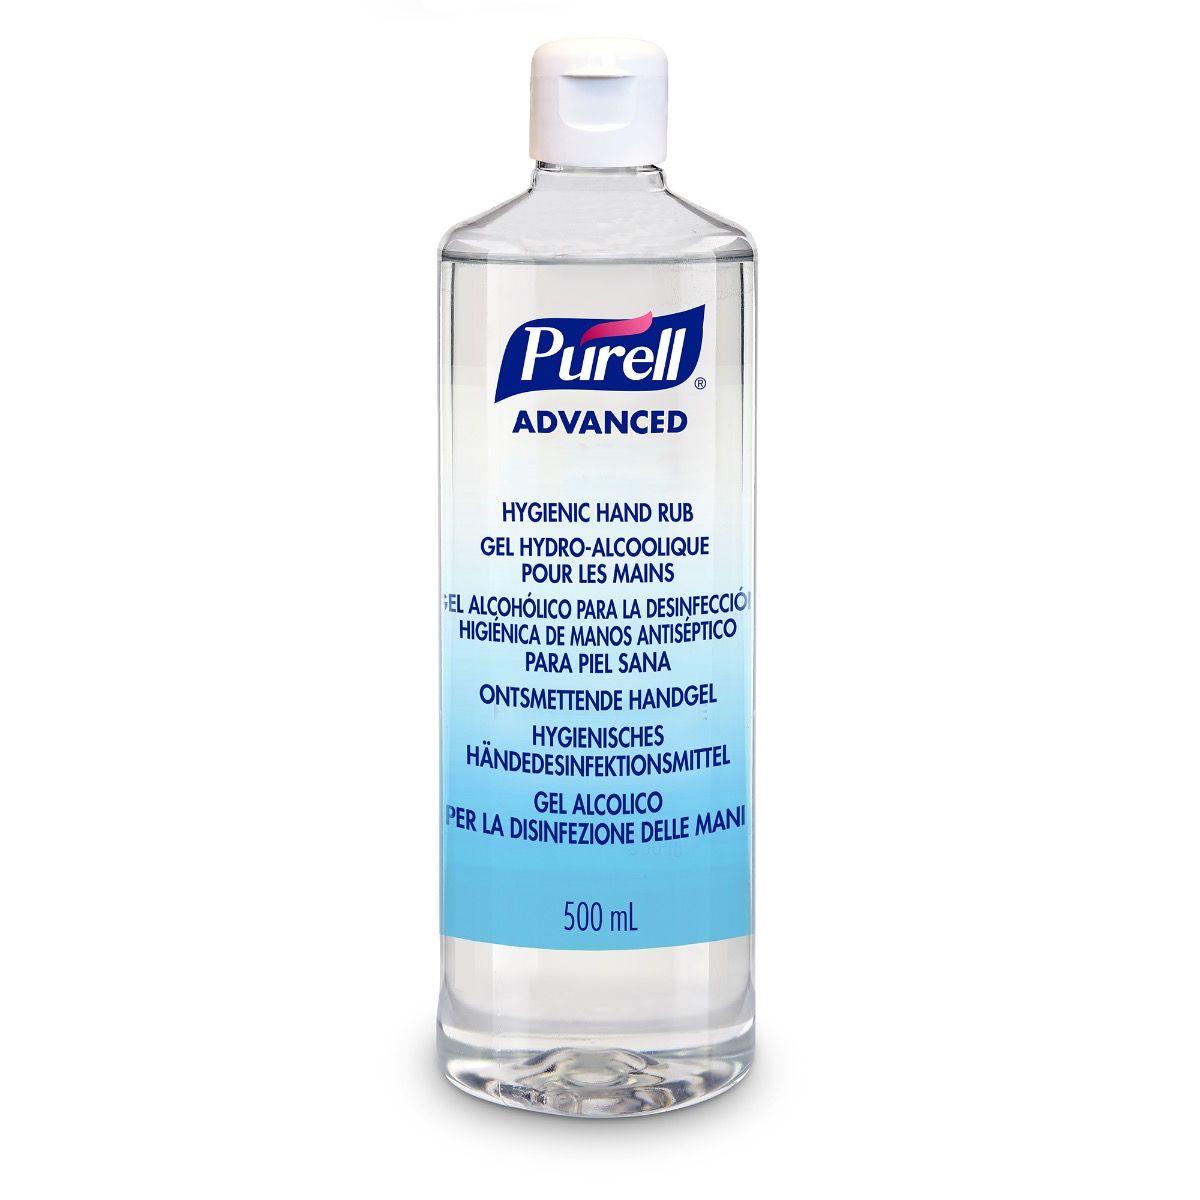 PURELL® Advanced Hygienisches Händedesinfektionsmittel, 500ml mit Klappdeckel